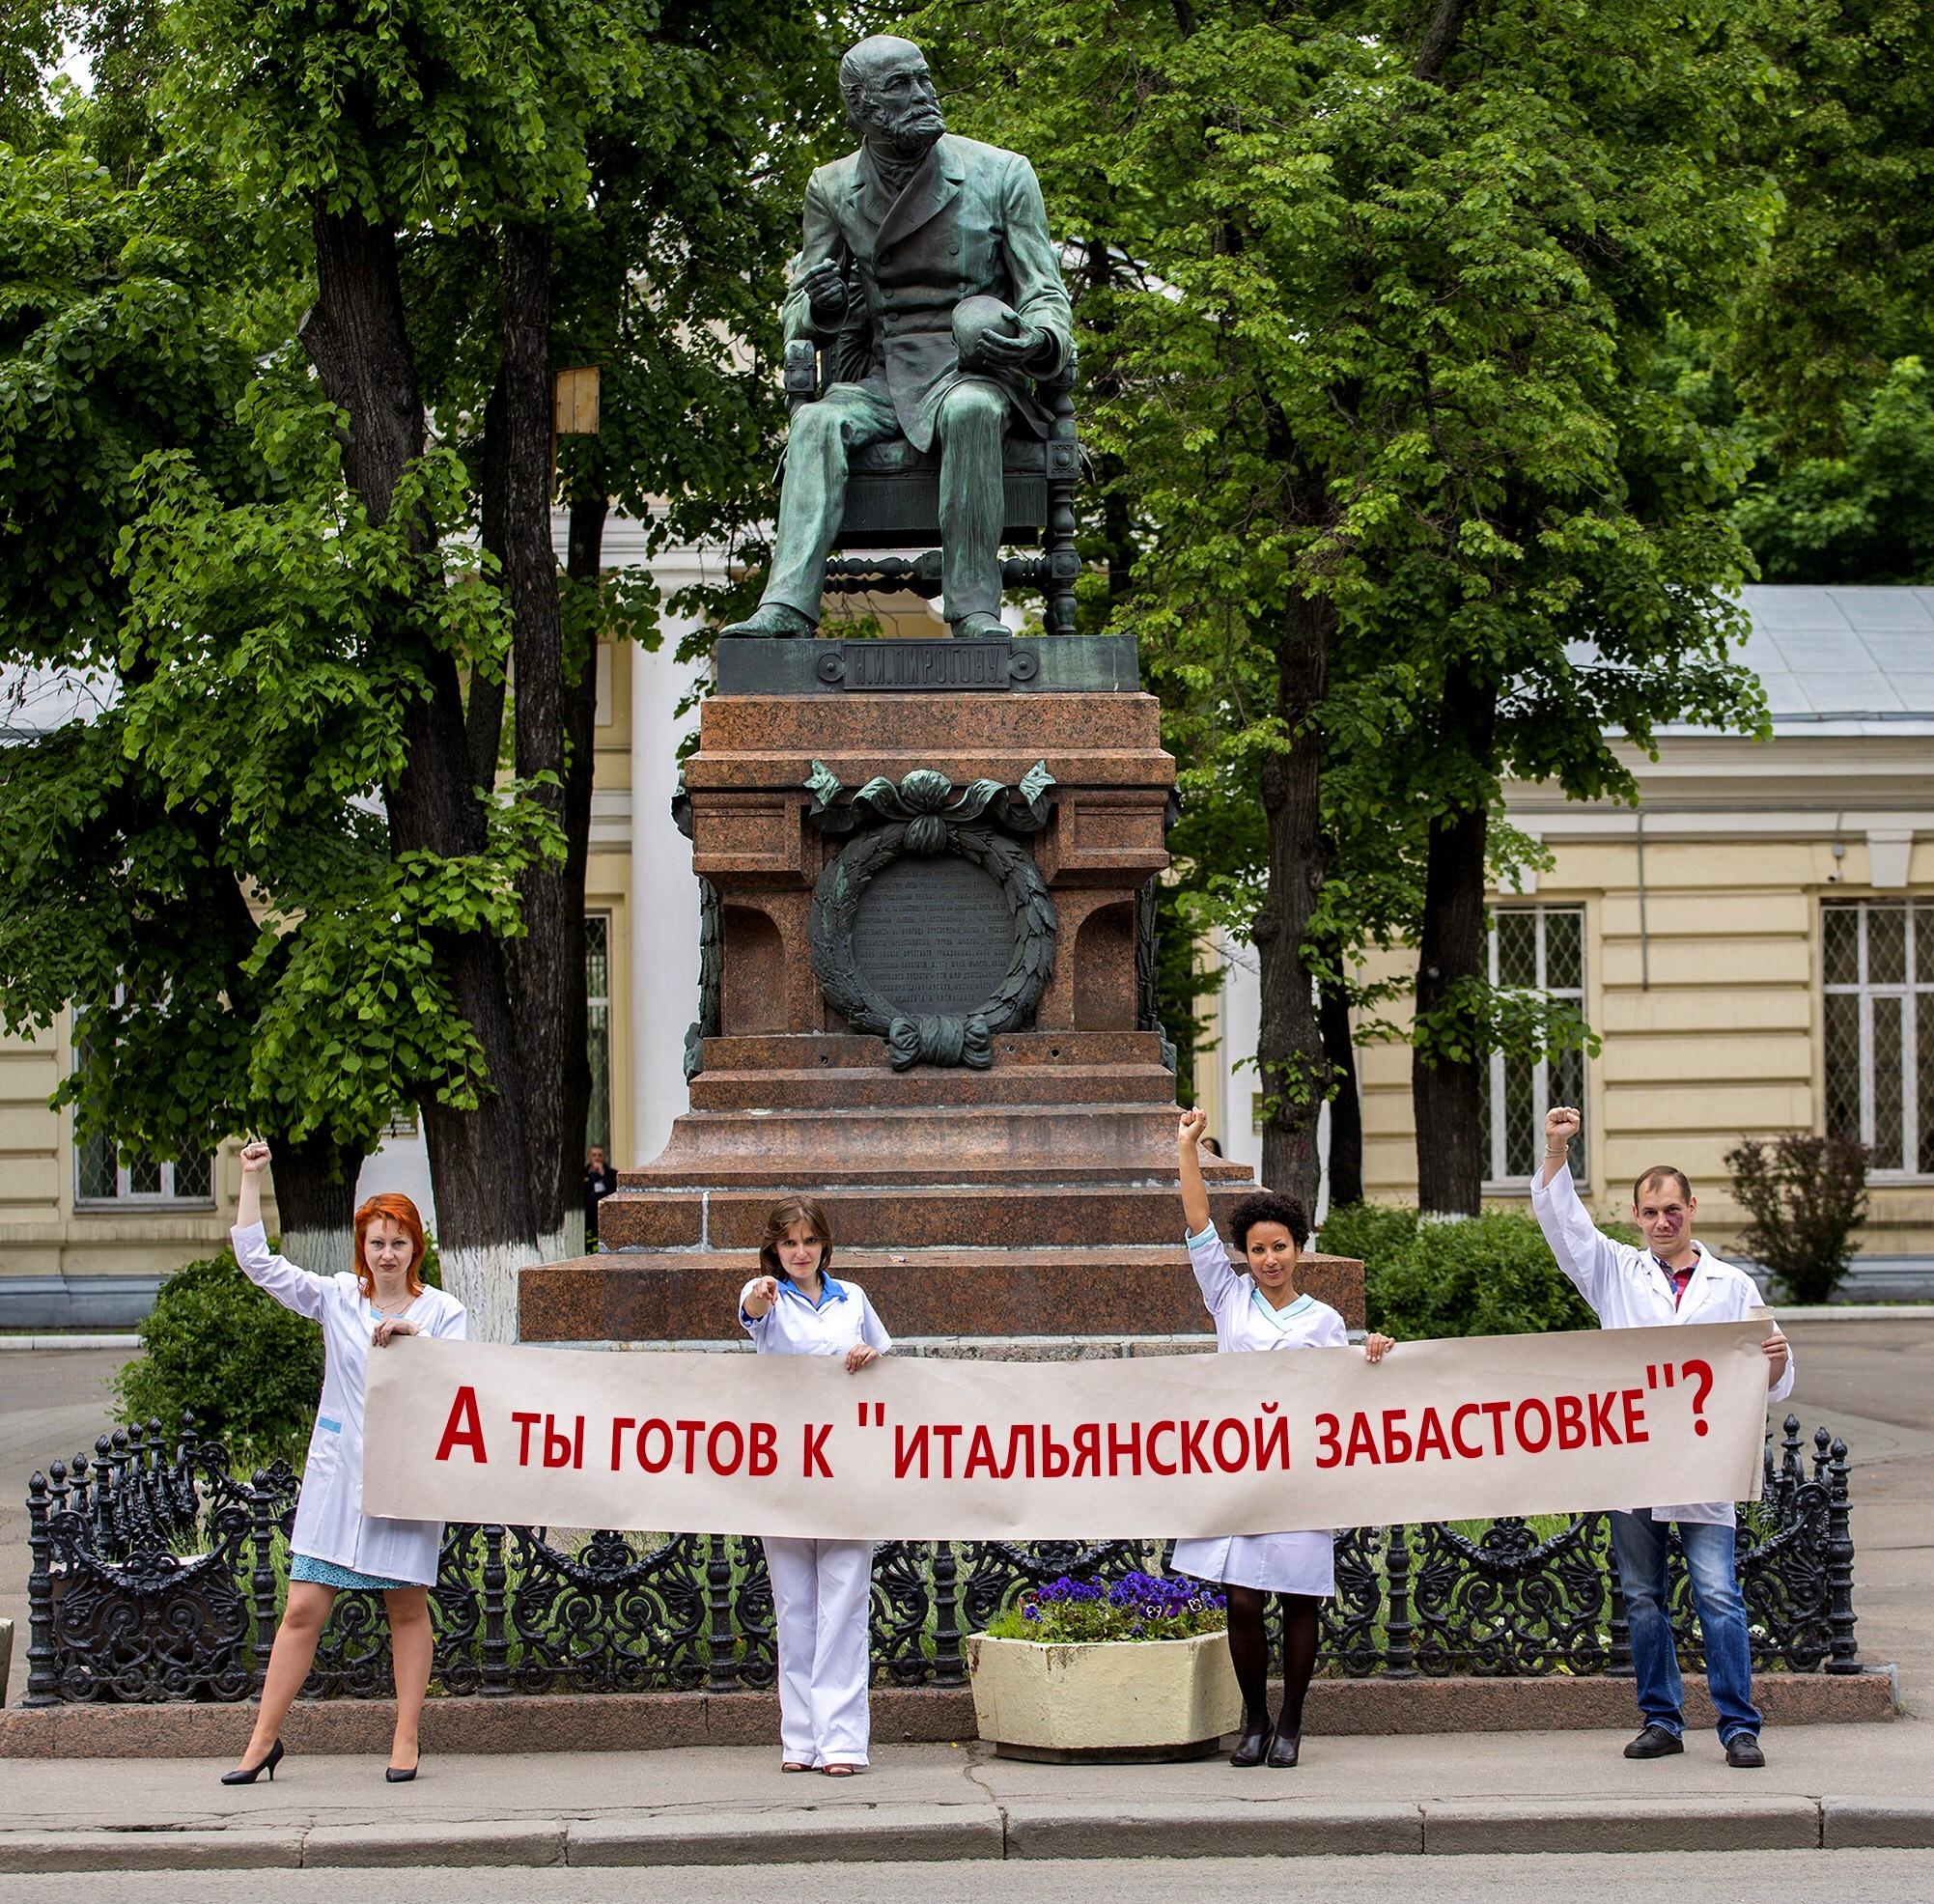 Итальянская забастовка — википедия. что такое итальянская забастовка